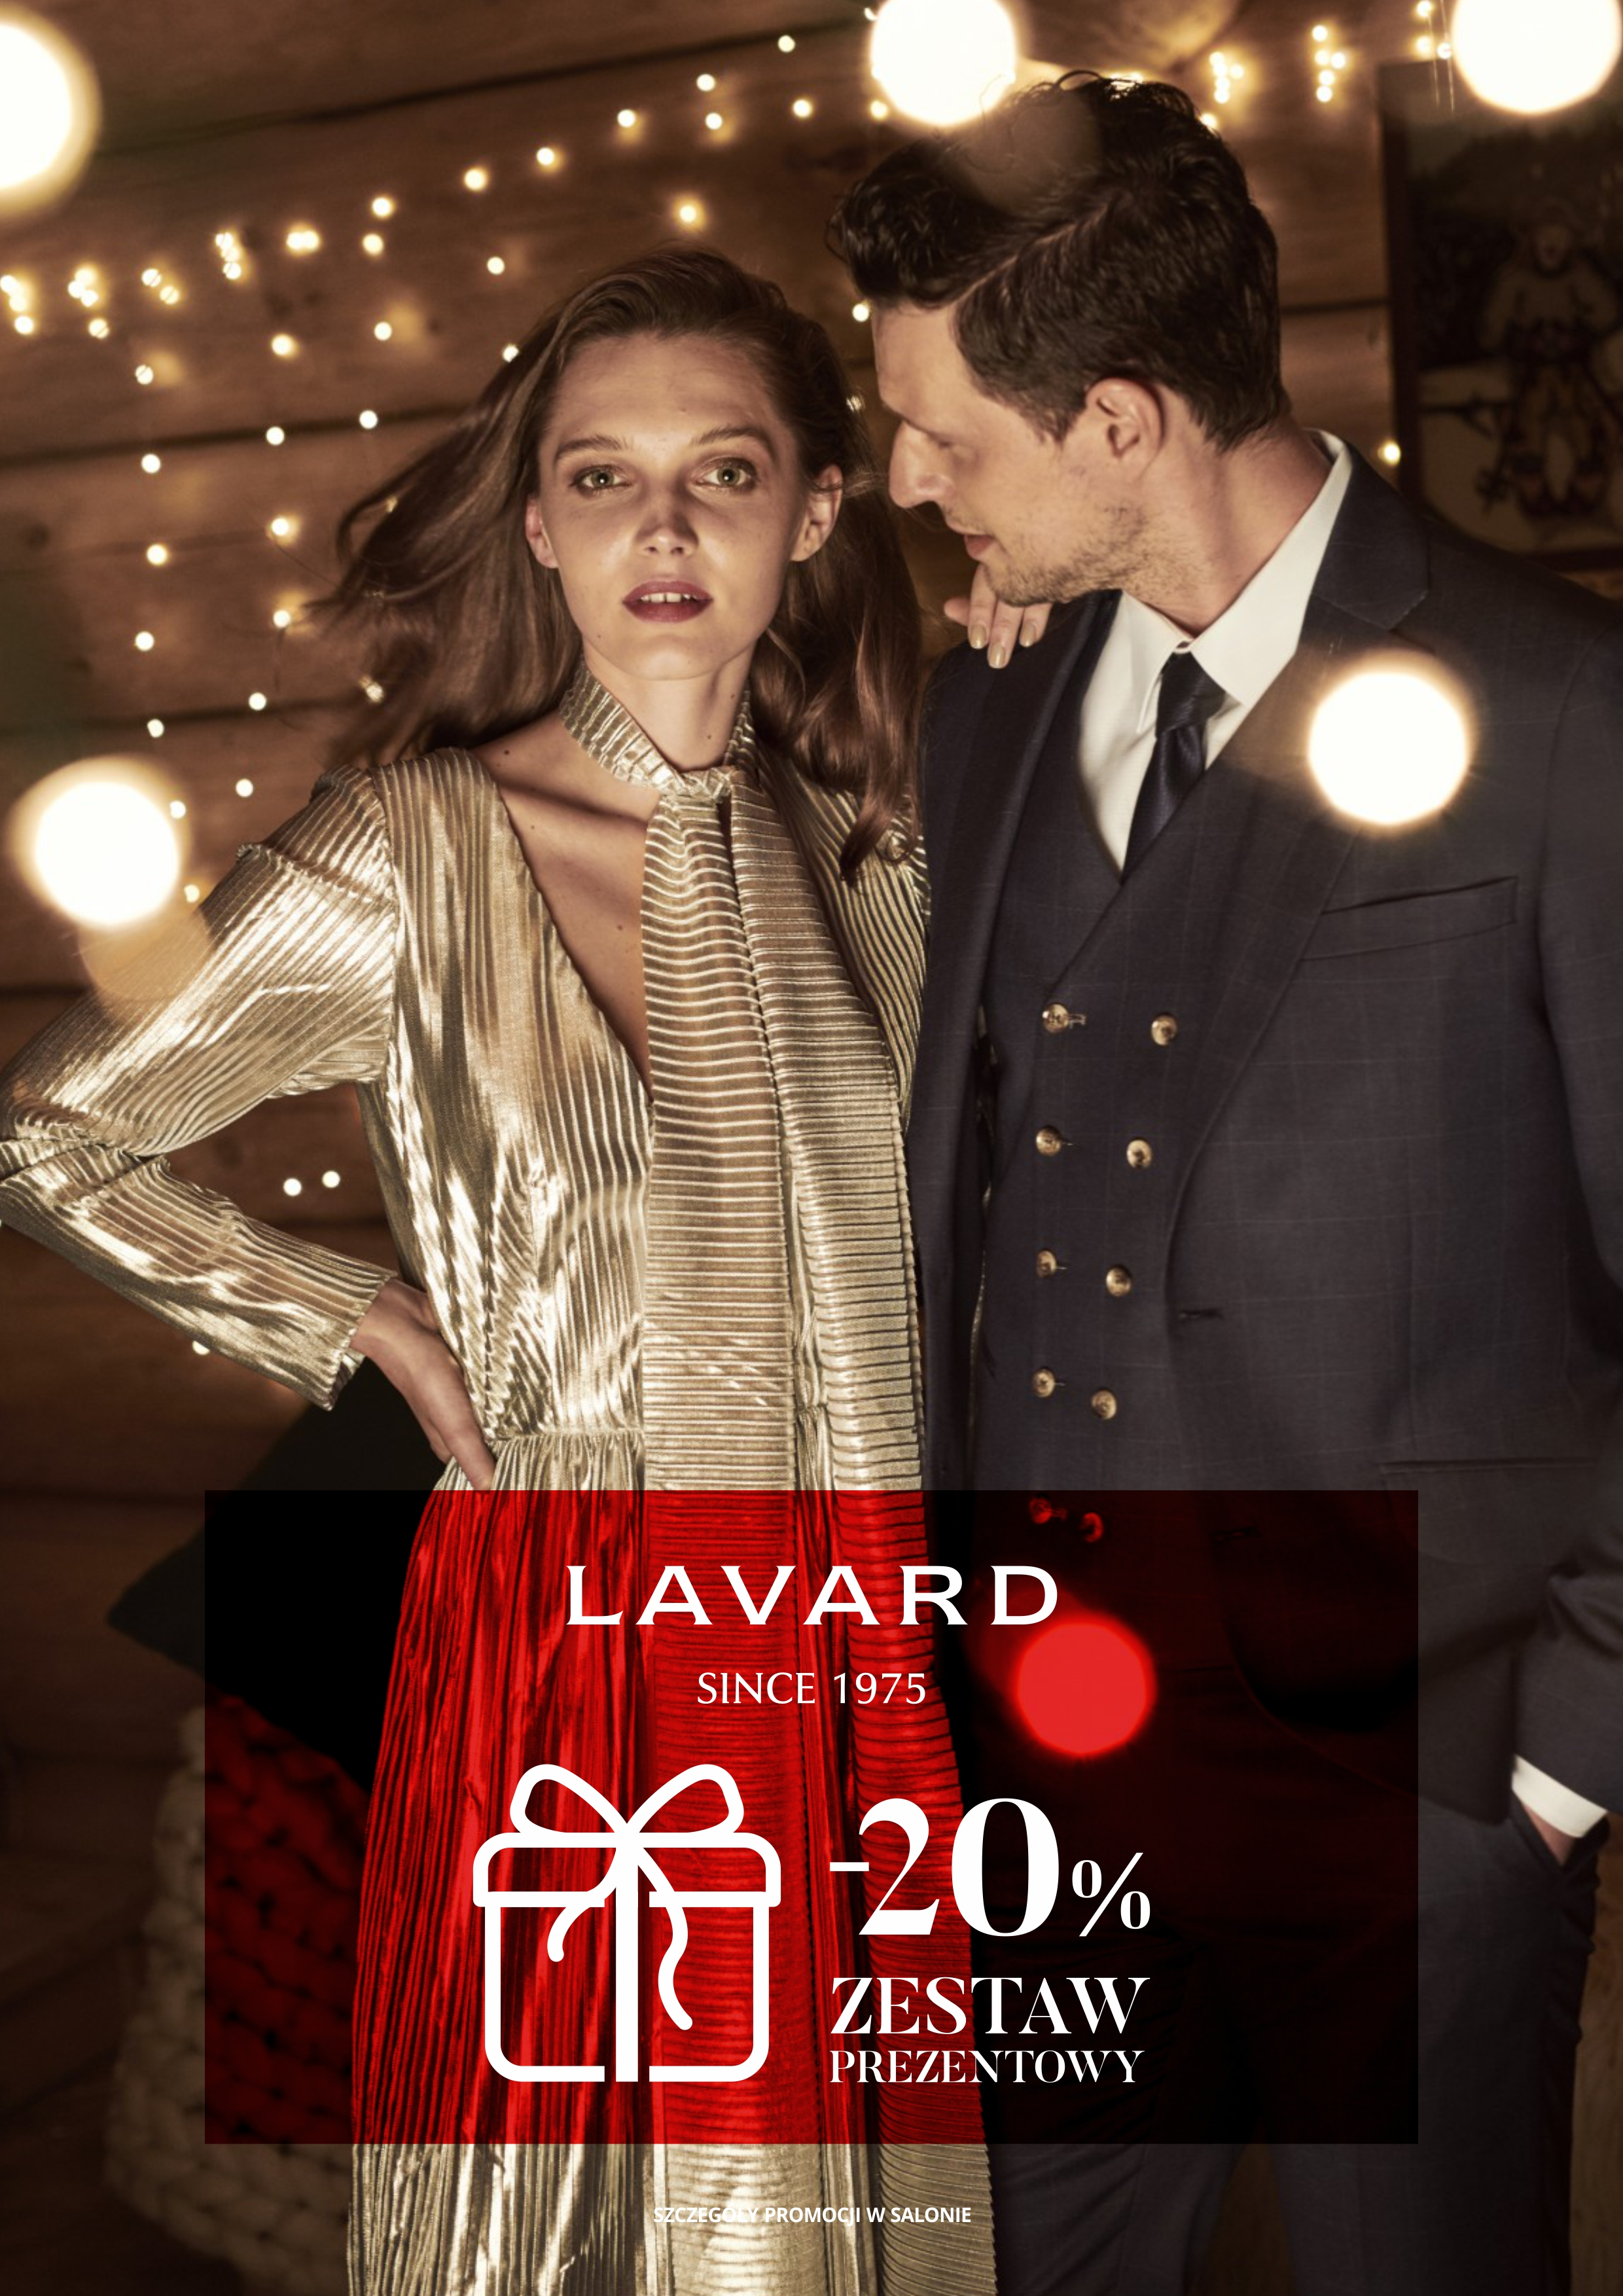 -20% zestaw prezentowy w Lavard